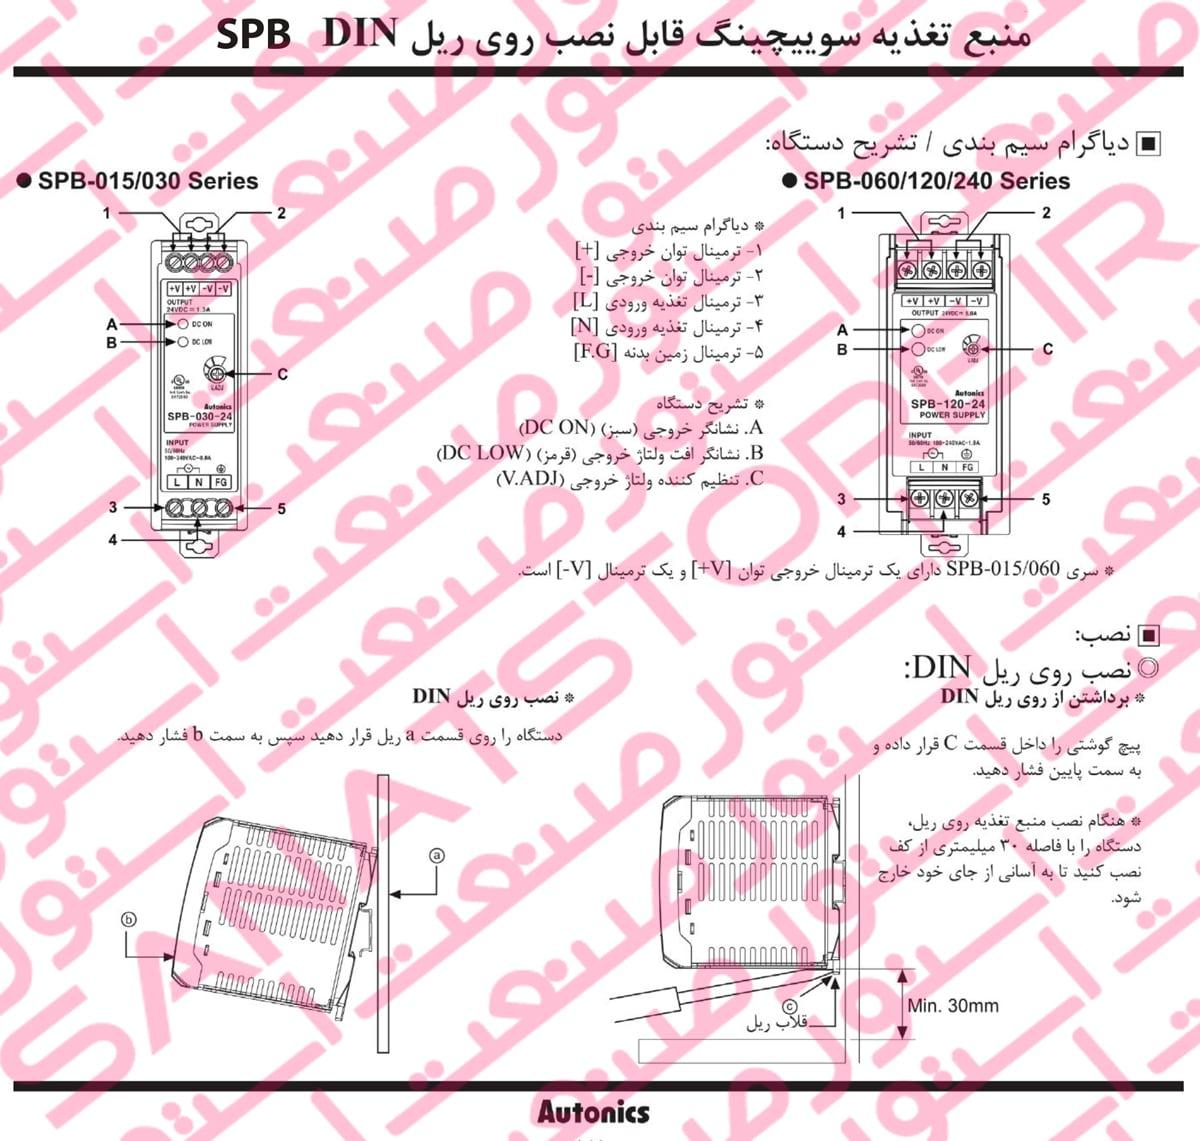 راهنمای نصب منبع تغذیه آتونیکس Autonics سری SPB